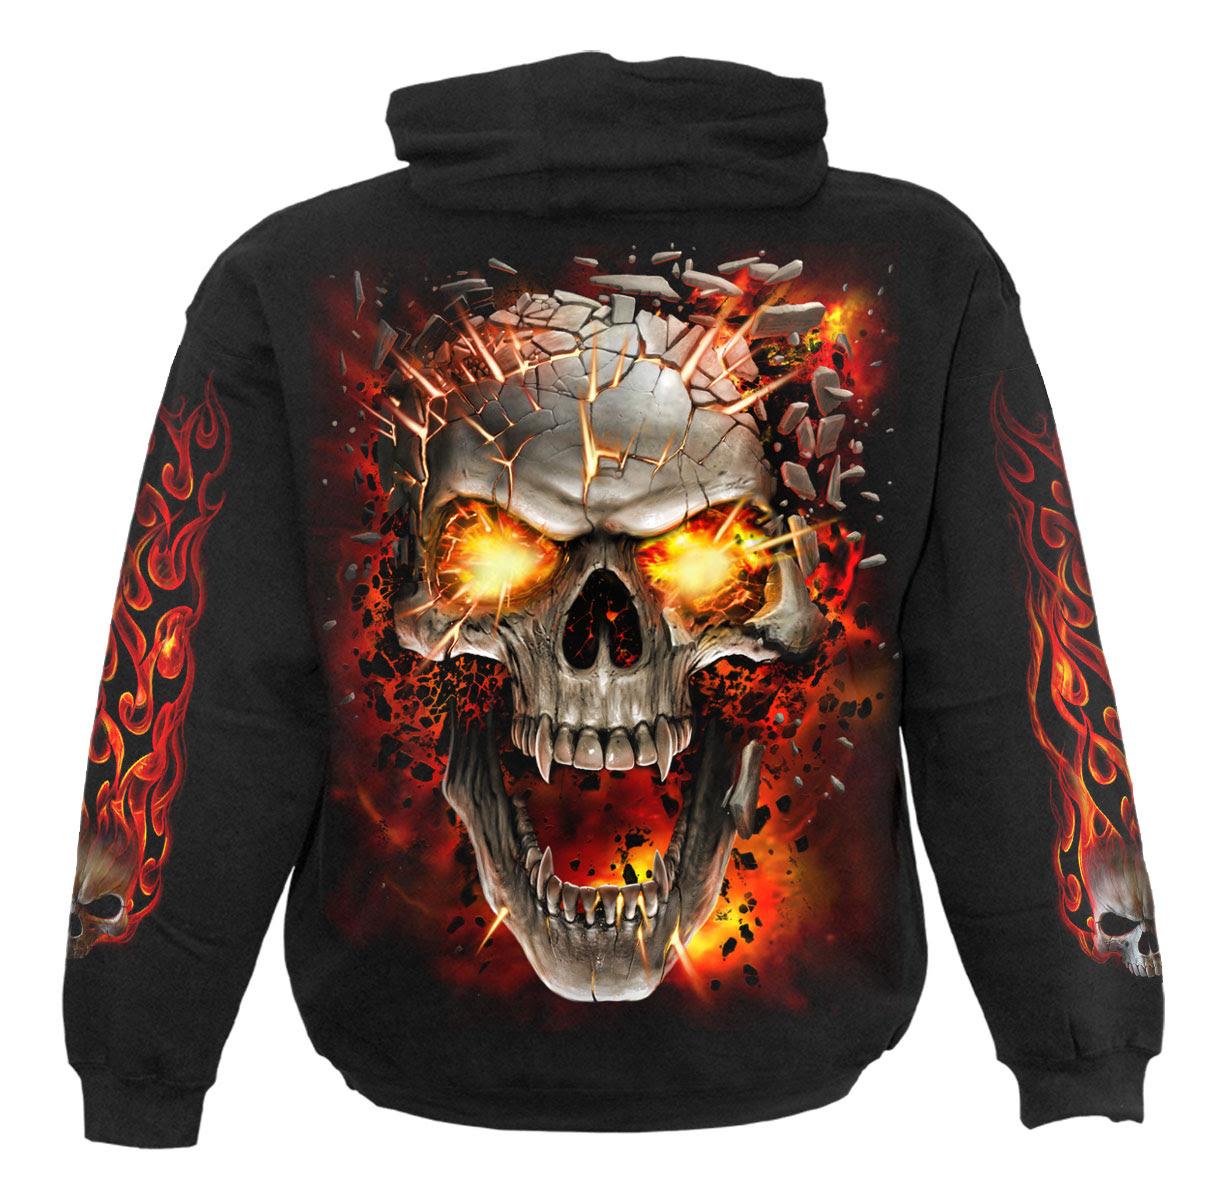 Spiral Skull Blast Hoody Blackskullsflameshorrordeath Ebay